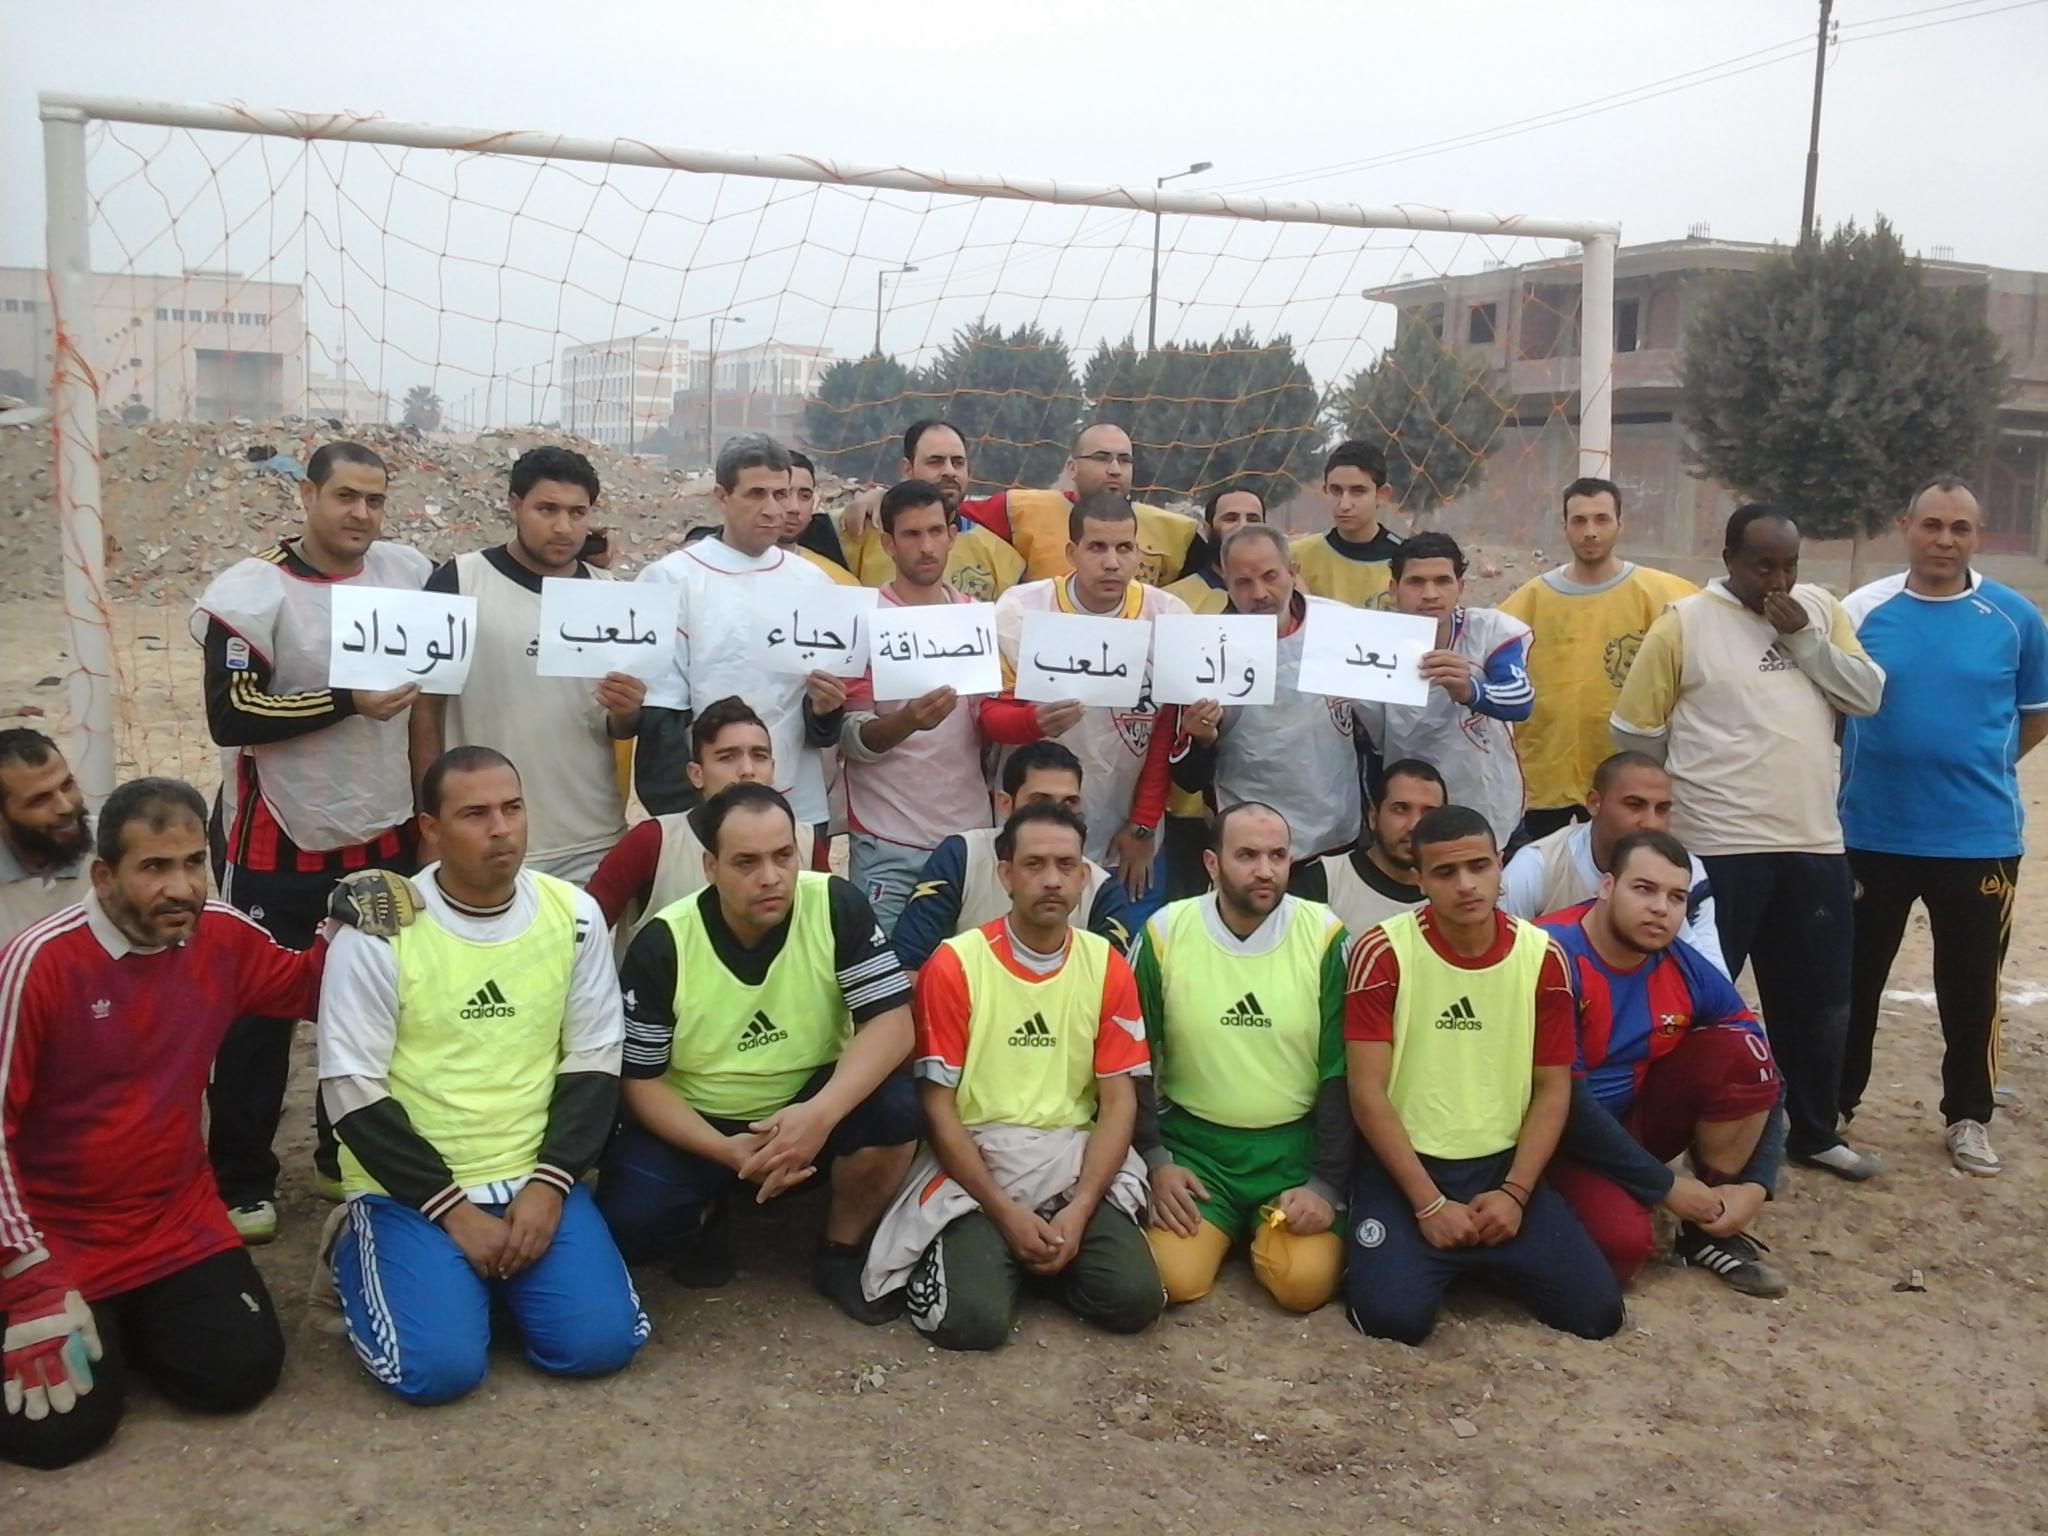 القاهرة.. ملعب كرة قدم بالخانكة